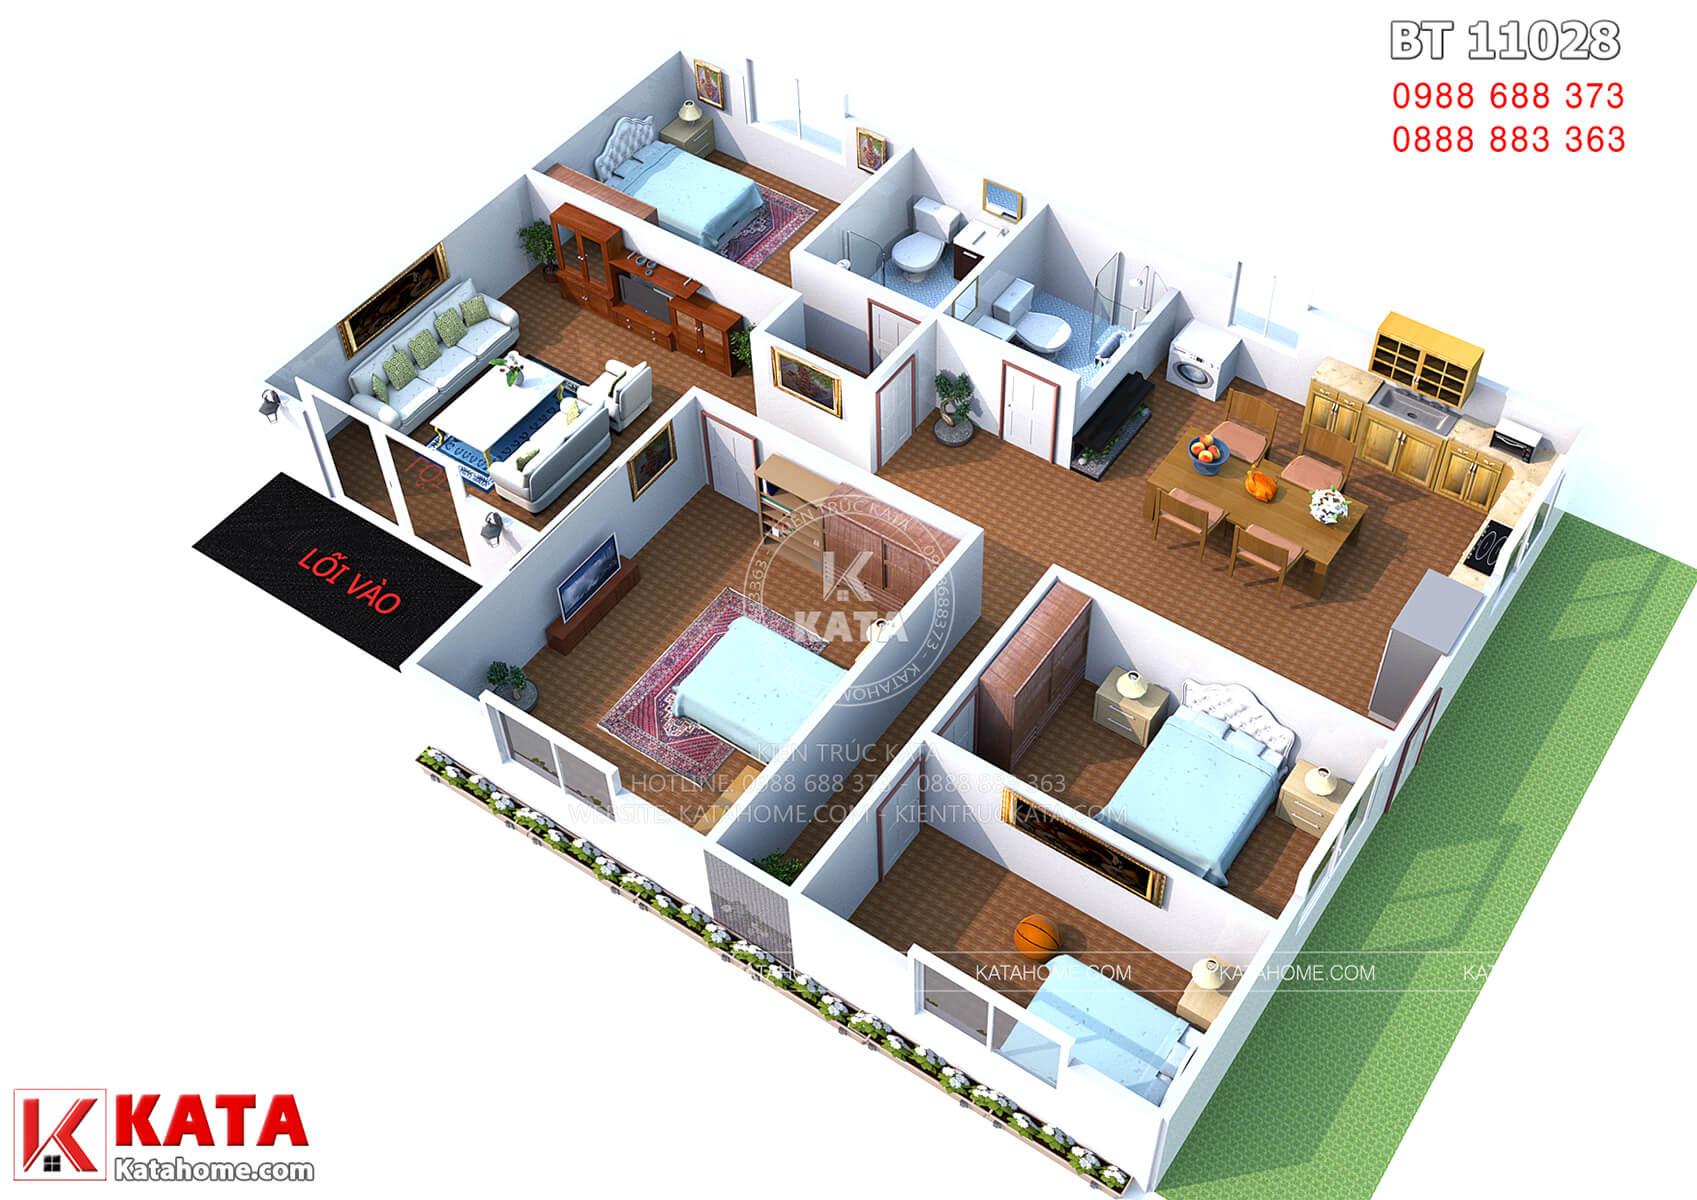 Mặt bằng bố trí đồ nội thất mẫu nhà cấp 4 đẹp 4 phòng ngủ